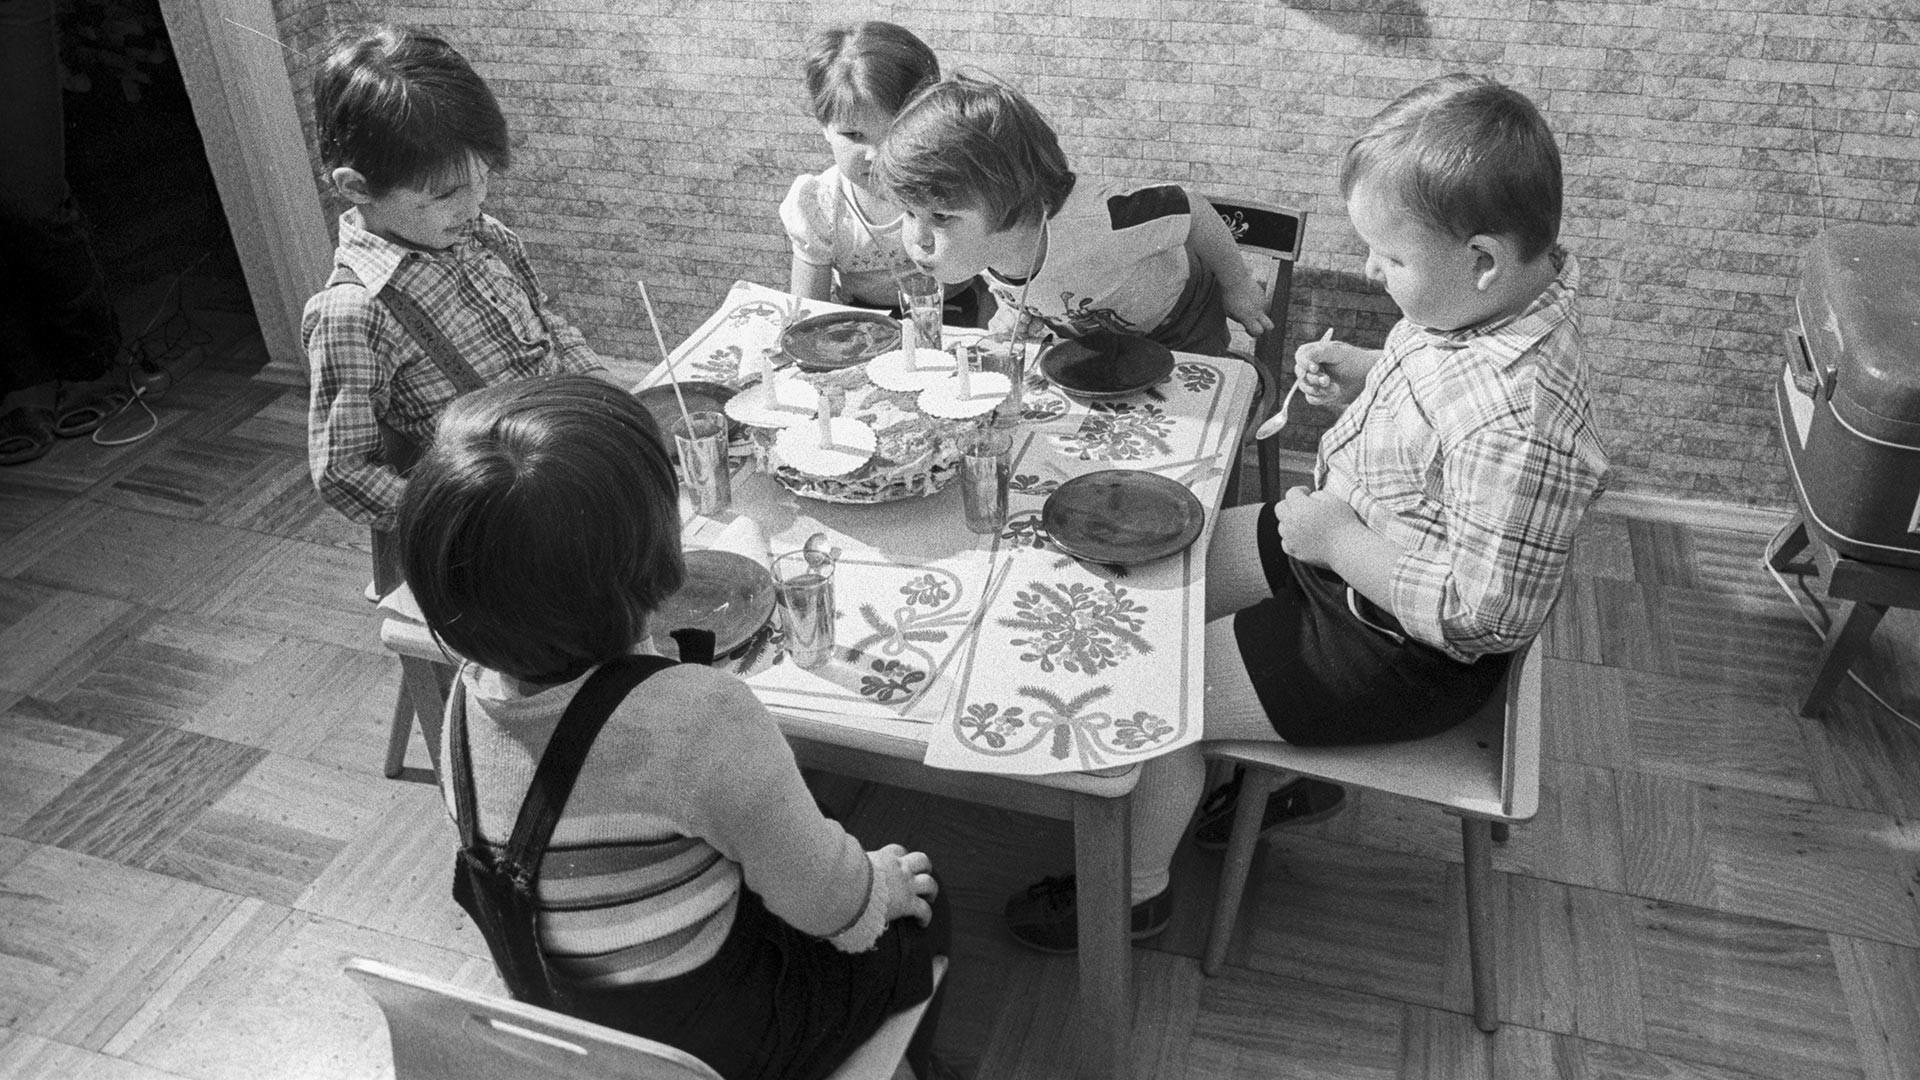 Pemandangan umum perayaan ulang tahun anak-anak di Uni Soviet.